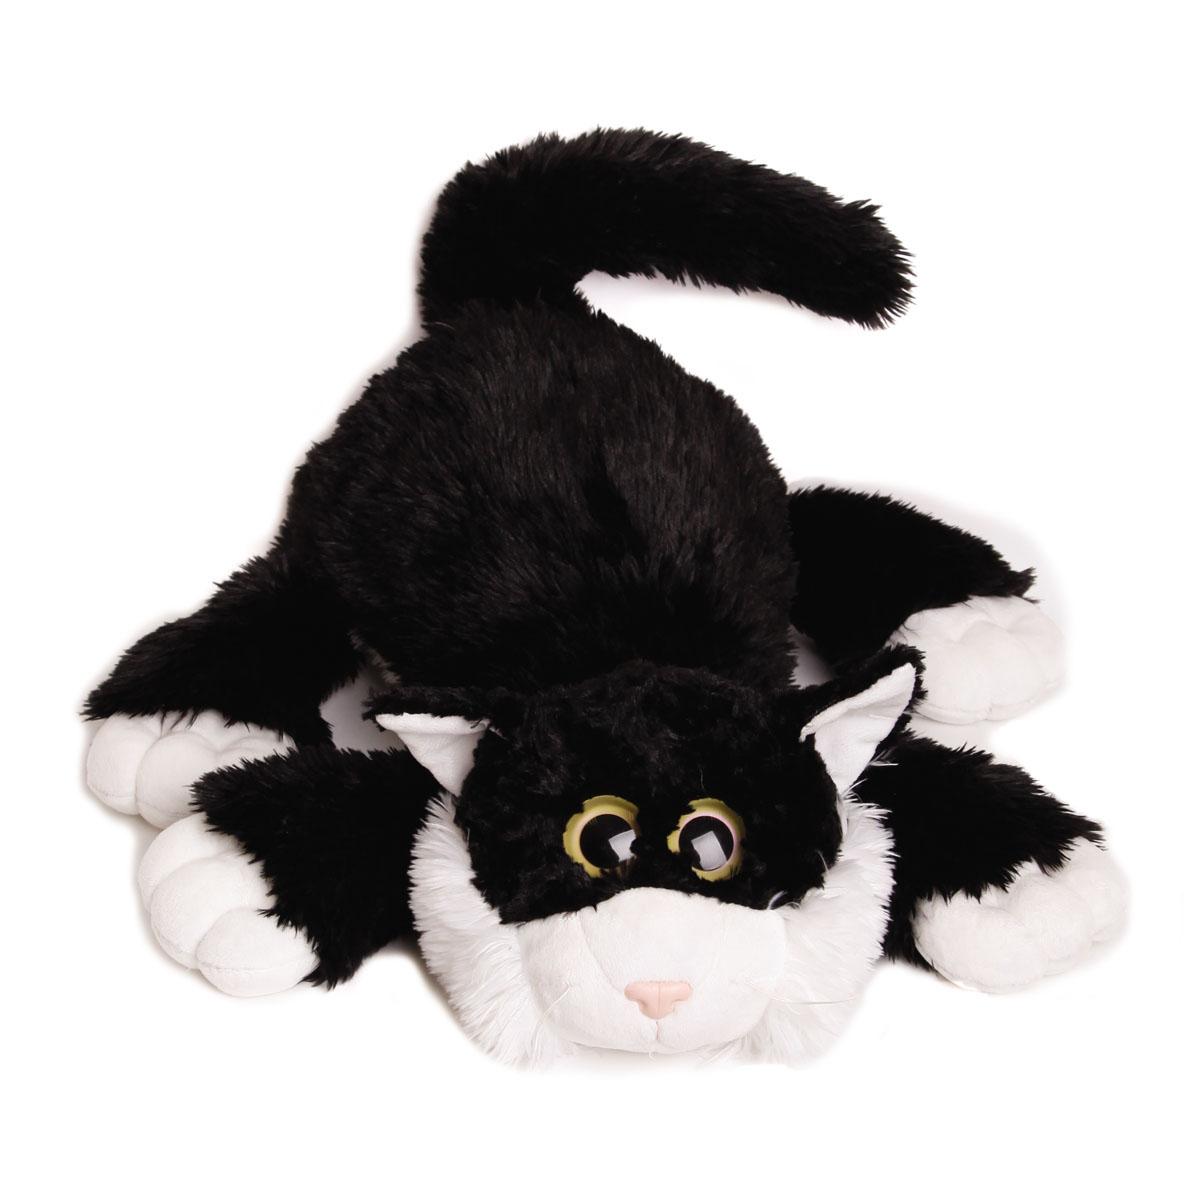 Купить 18-3001-3, Мягкая игрушка Gulliver Котик Шалунишка , 30 см, Gulliver мягкая игрушка (shop: GulliverMarket Gulliver Market)